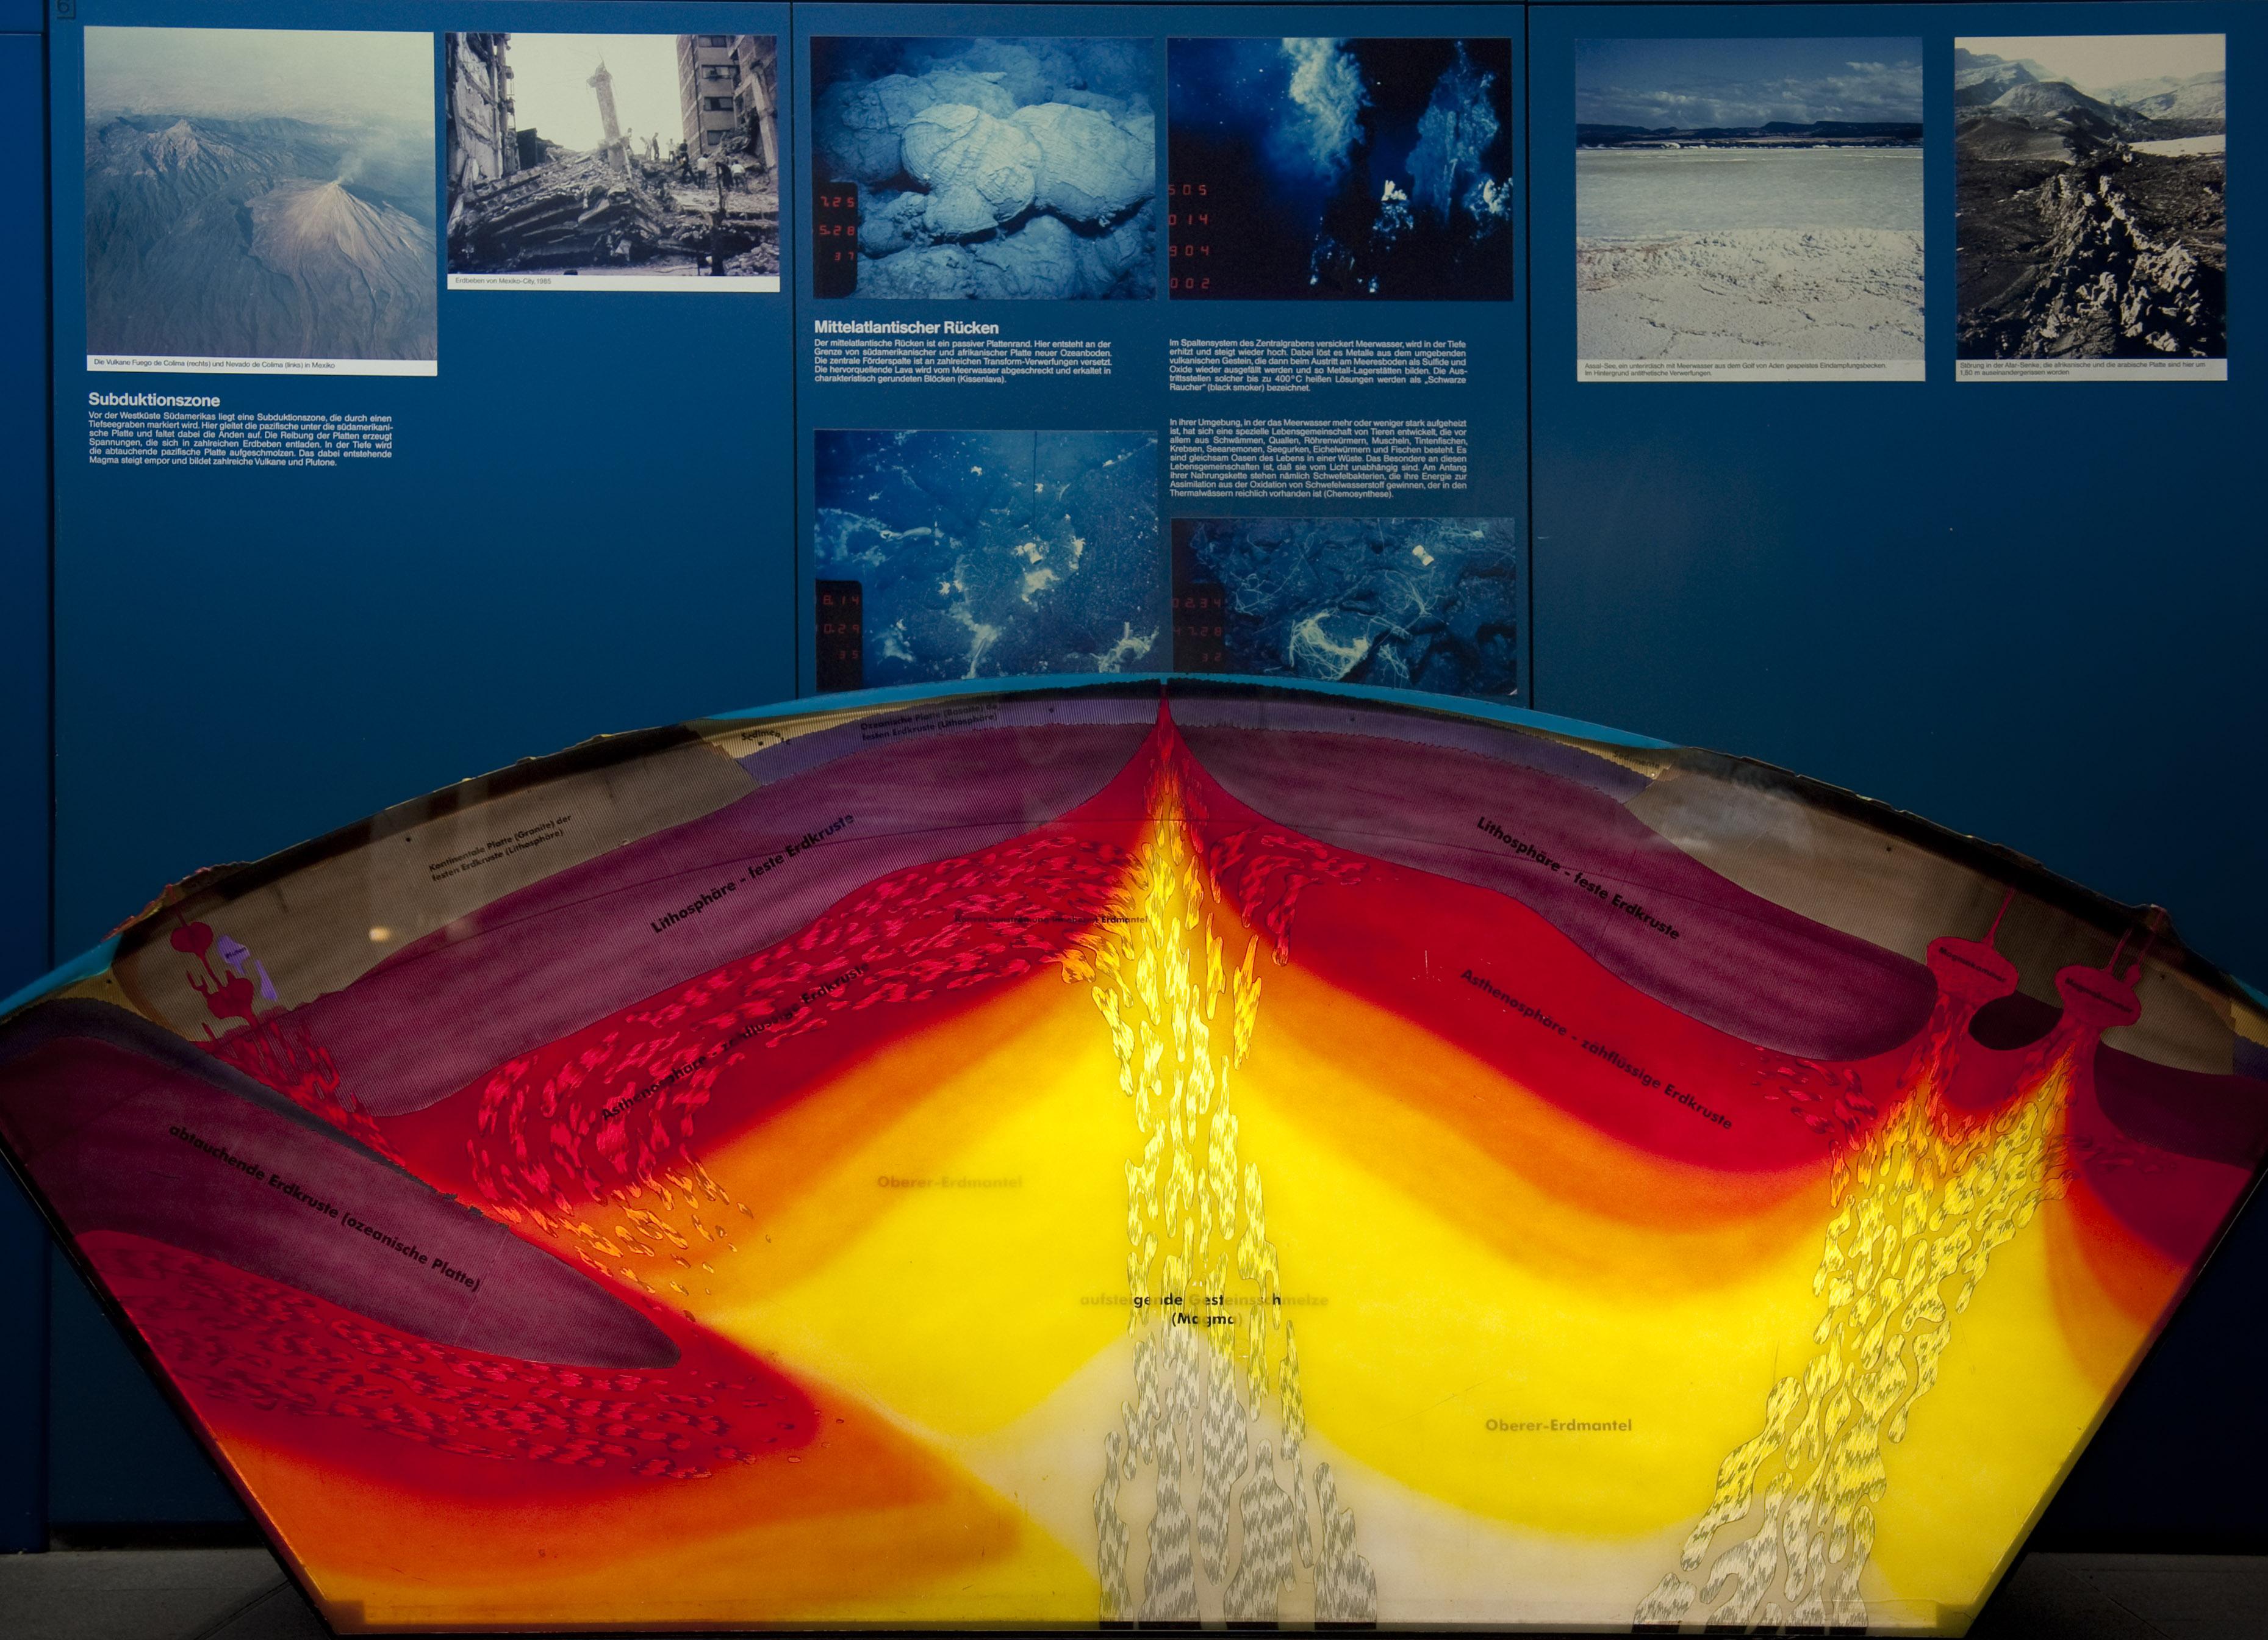 File:earth Profile Senkenberg